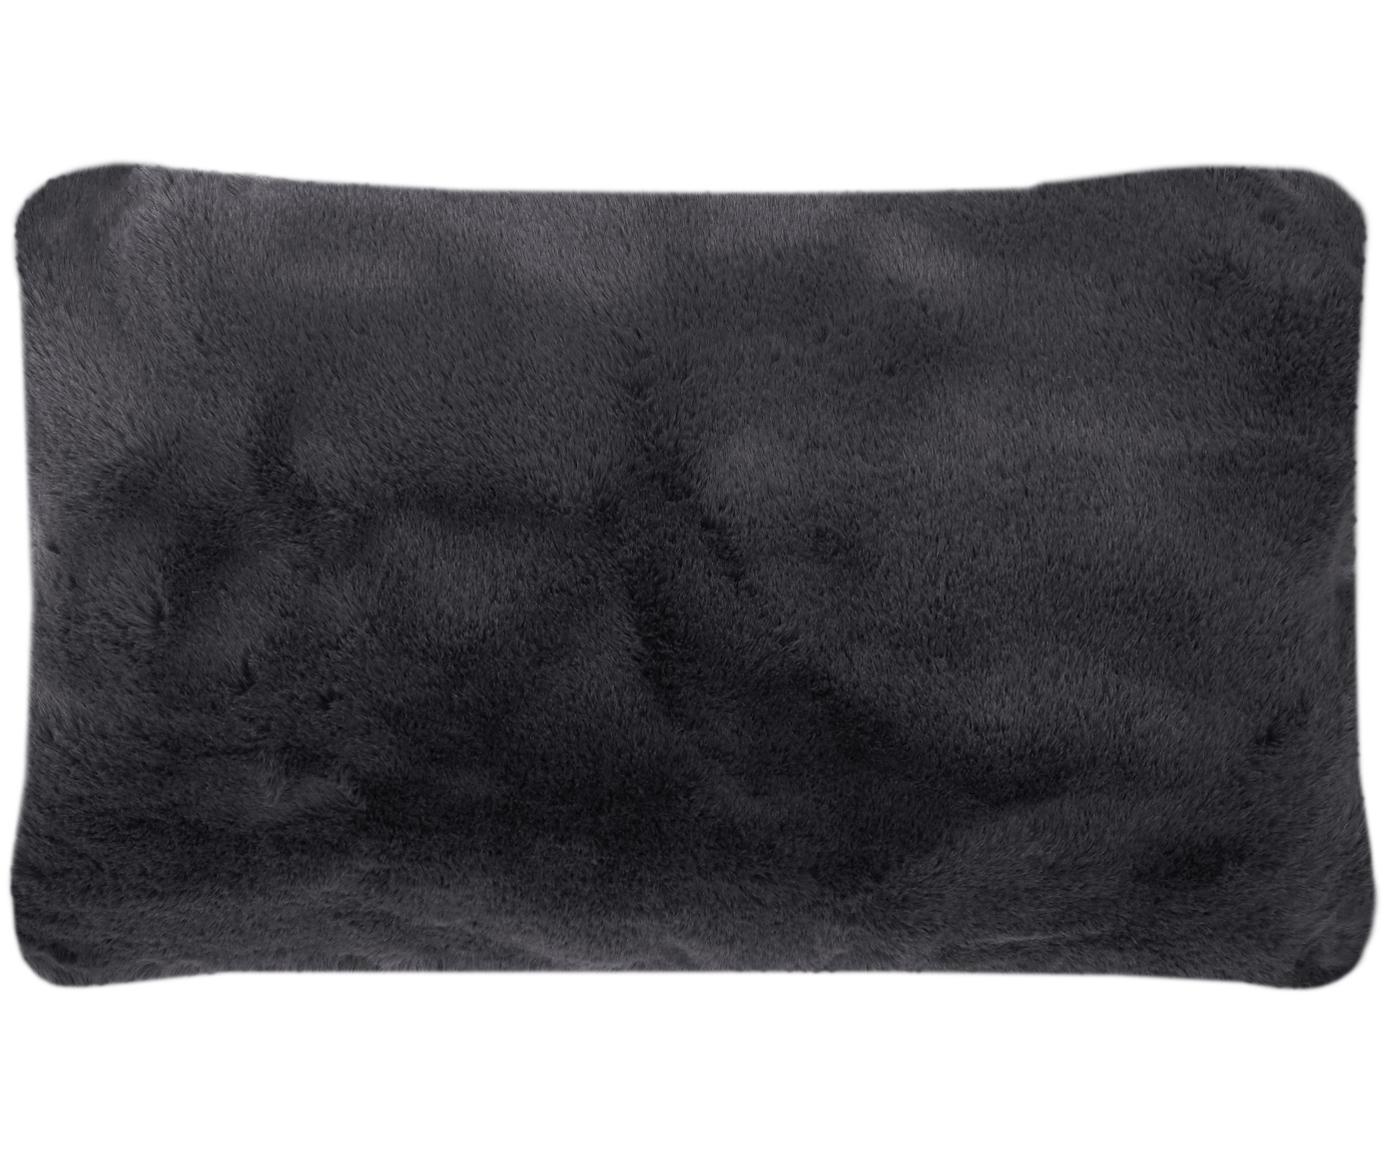 Funda de cojín de piel sintética Mette, Parte delantera: 100%poliéster, Parte trasera: 100%poliéster, Gris oscuro, An 30 x L 50 cm